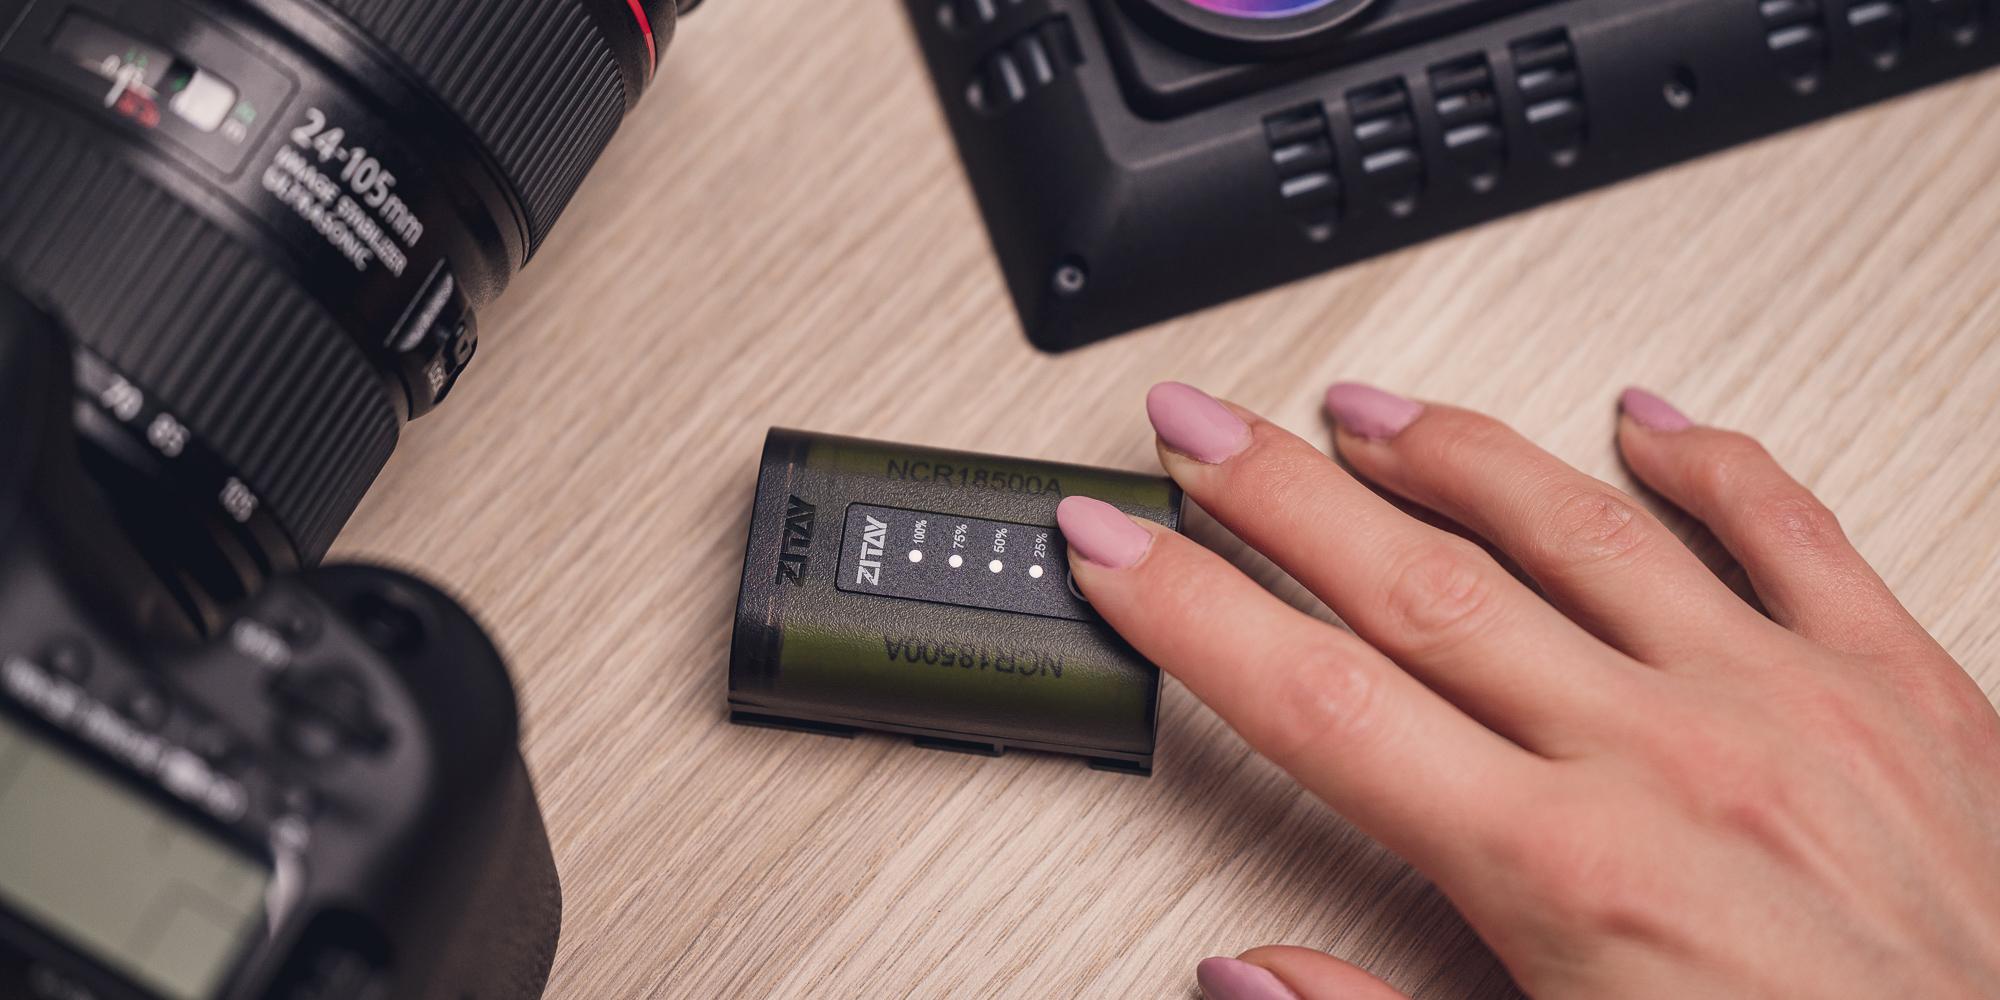 Akumulator Zitay zamiennik LP-E6 - Wskaźnik poziomu naładowania